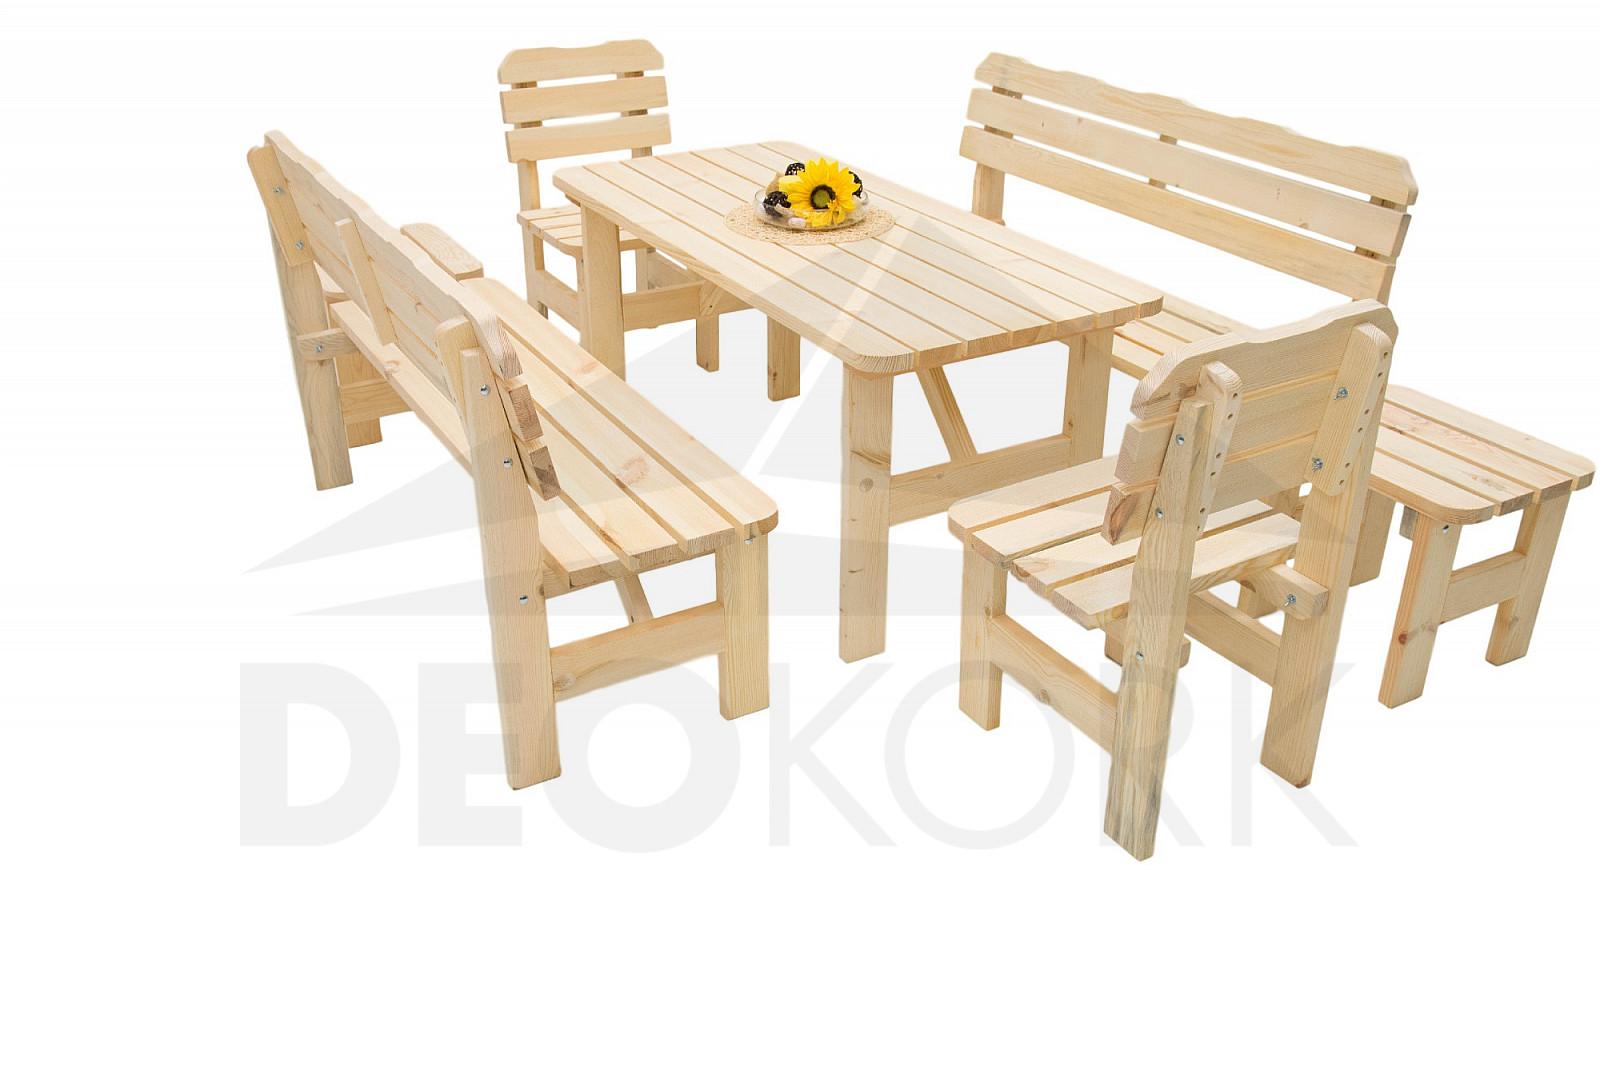 4a36c0b6d009 Masívna drevená záhradná zostava z borovice 1 +6 drevo 32 mm